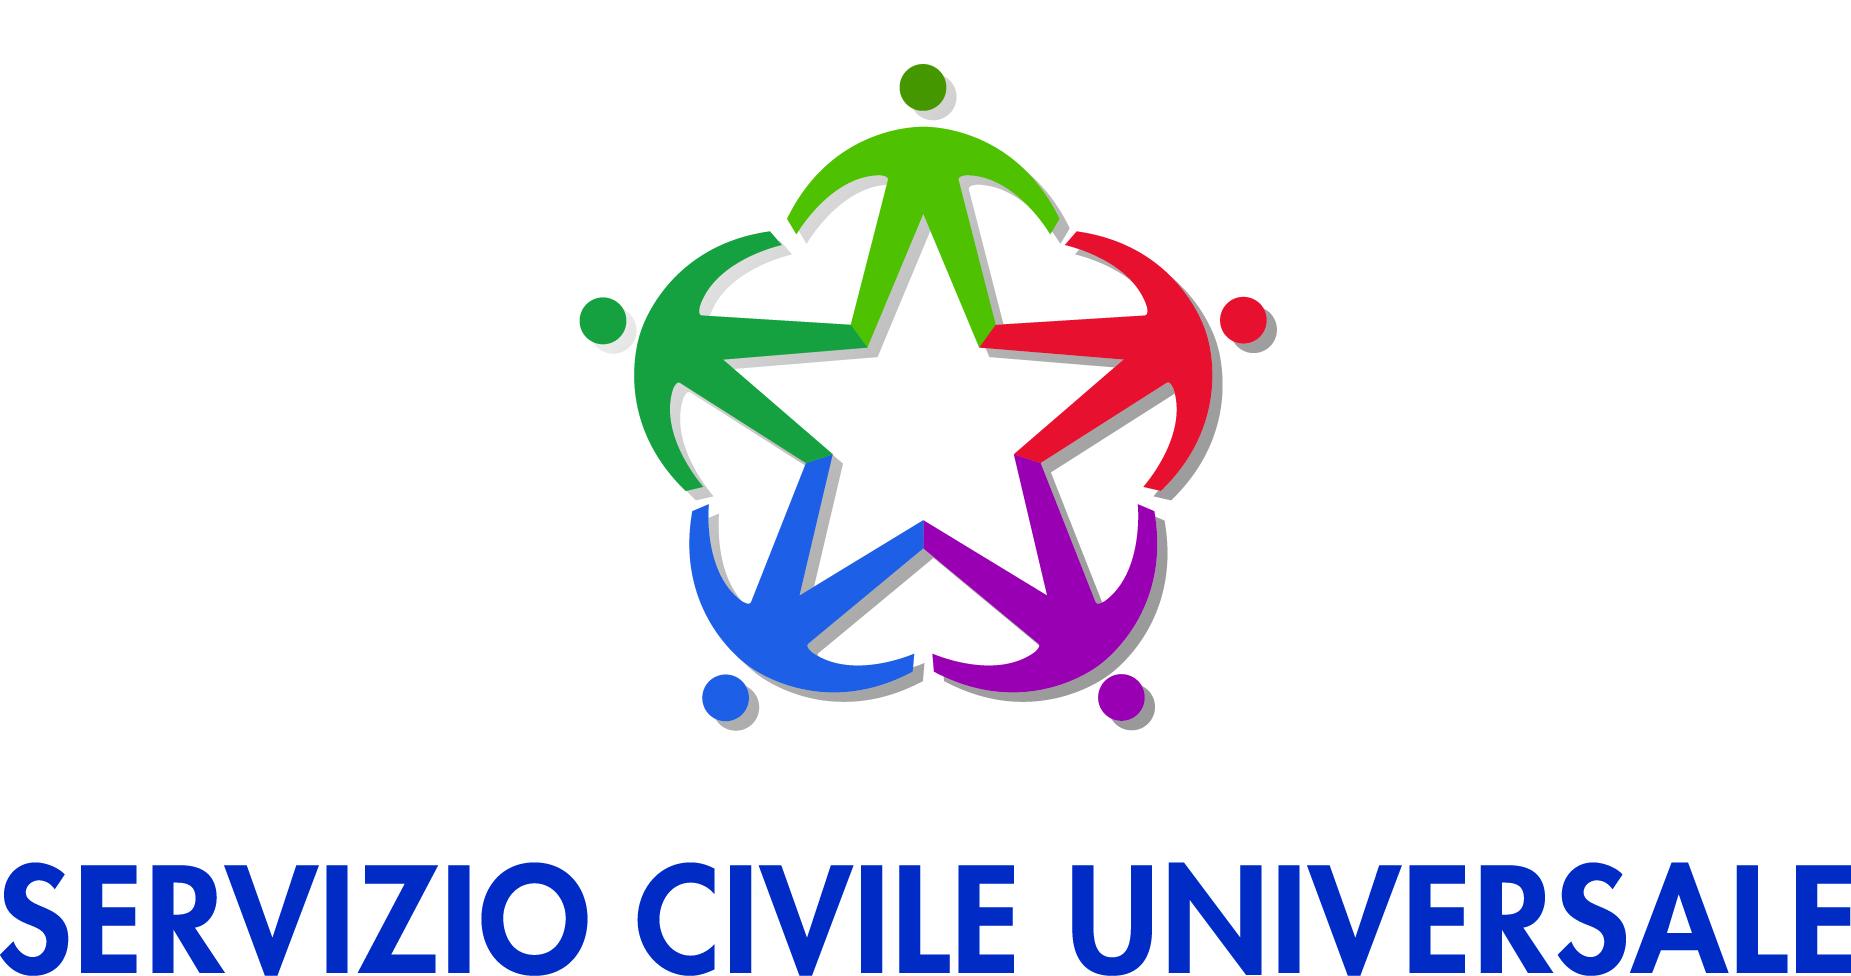 Servizio Civile Universale Ferla